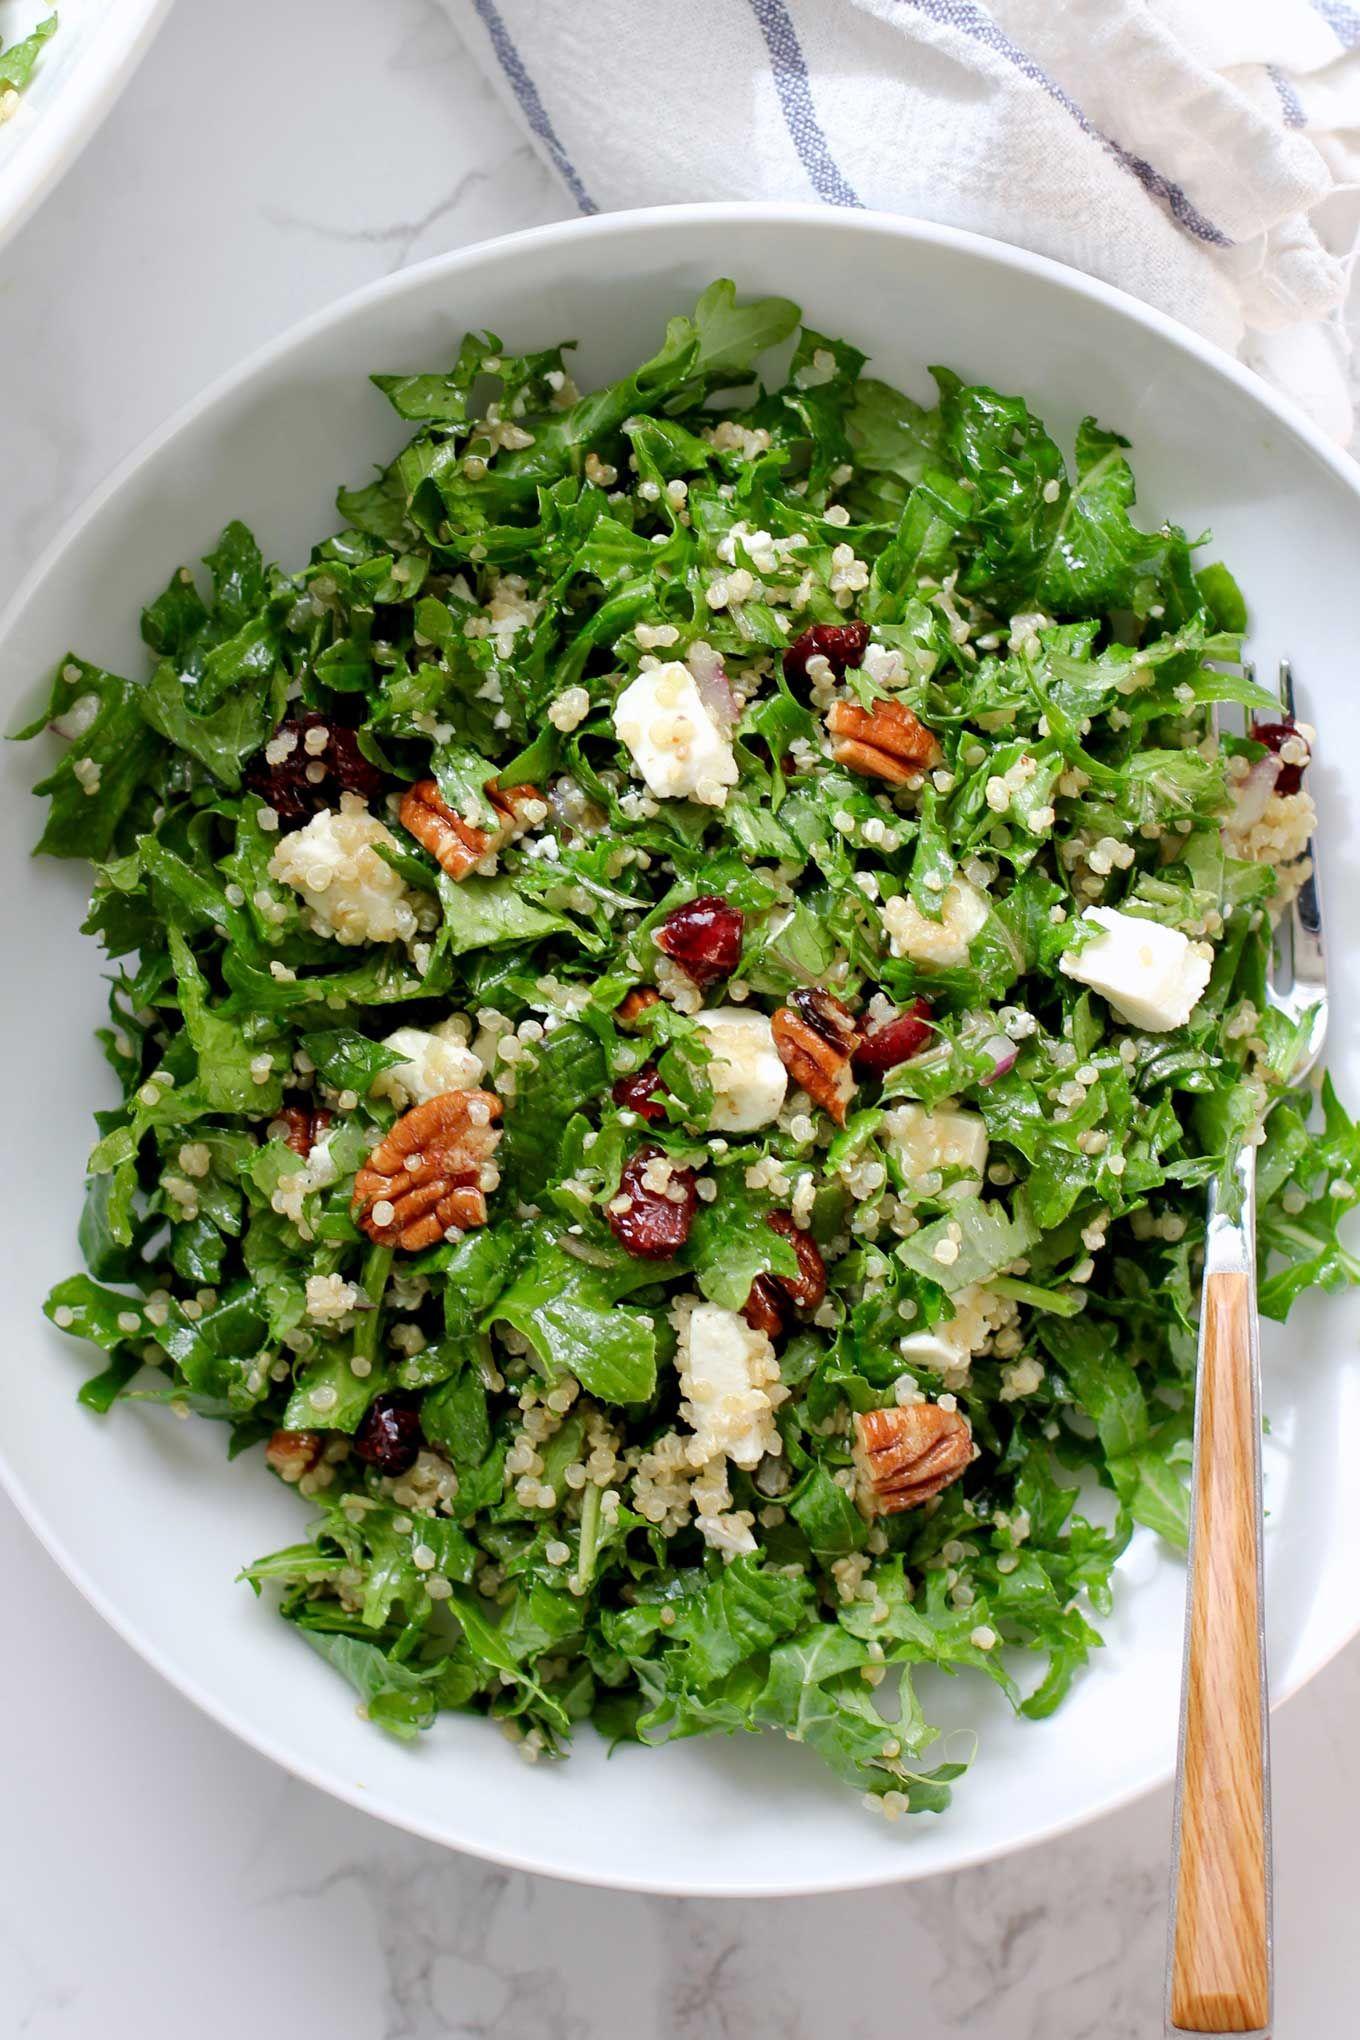 Quinoa Kale Cranberry And Pecan Salad Green Valley Kitchen Recipe Vegetarian Salads Healthy Recipes Pecan Salad Recipe